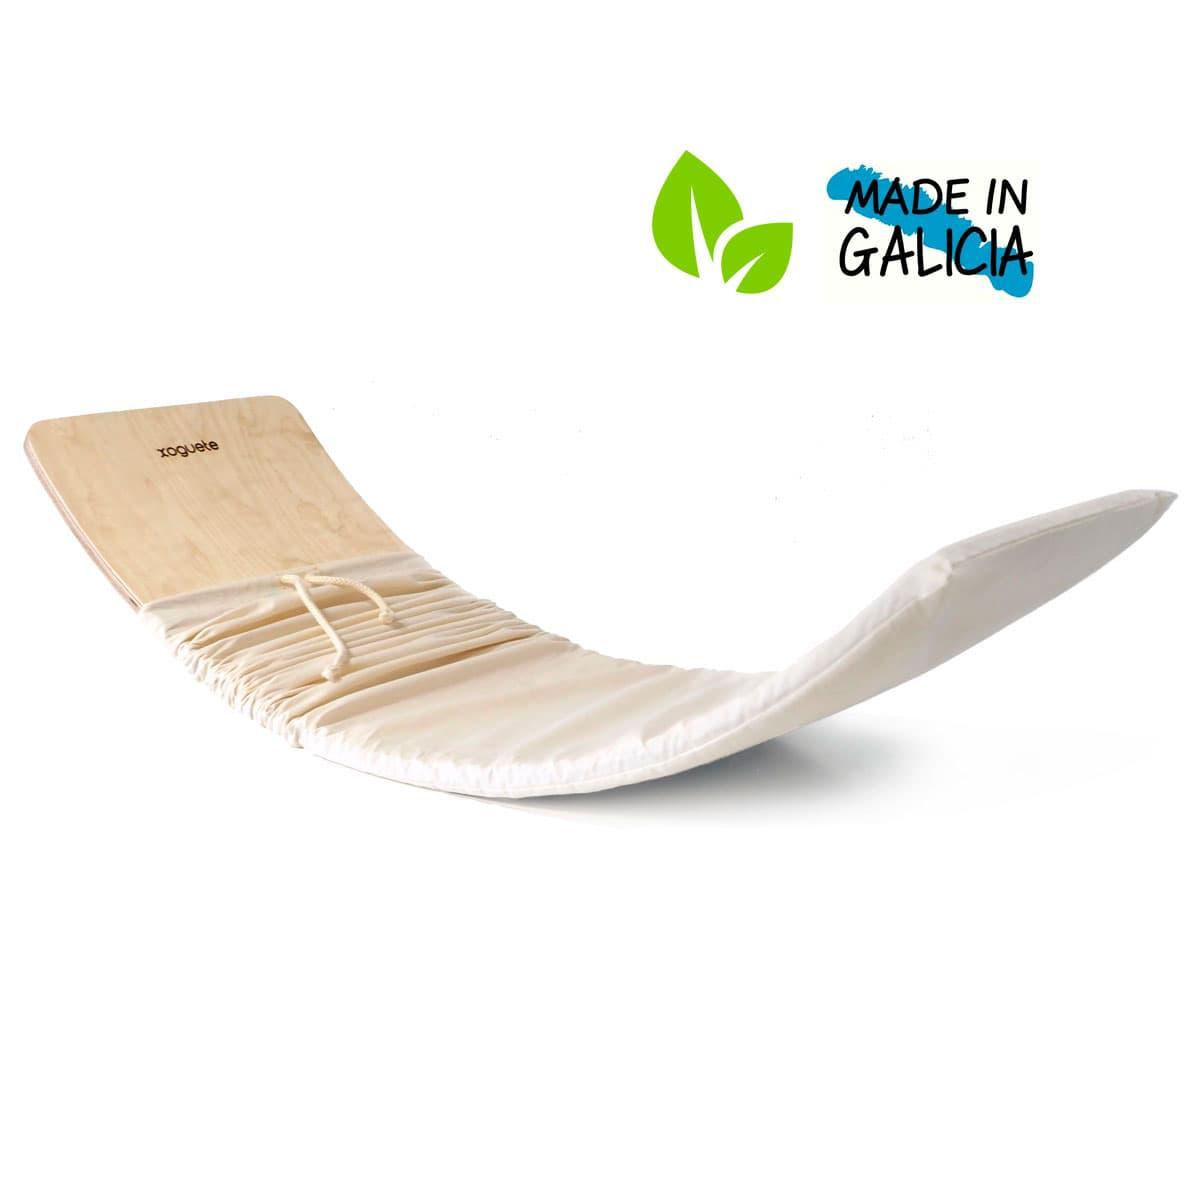 Tabla curva natural ecológica hecha en Galicia